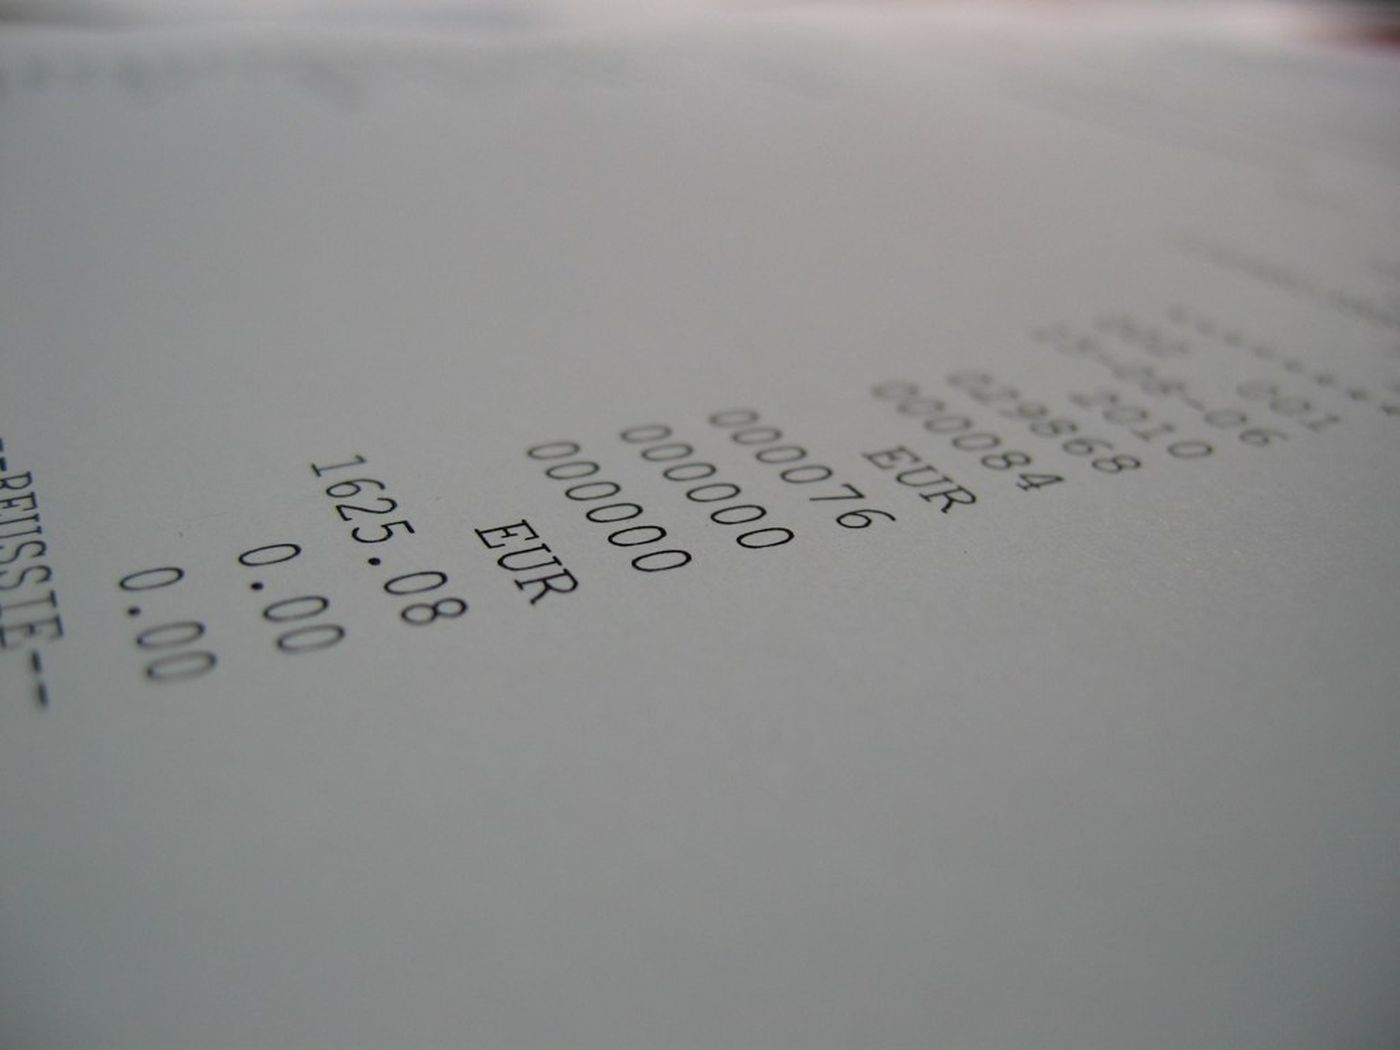 Achat immobilier quels sont les frais annexes for Projet achat immobilier